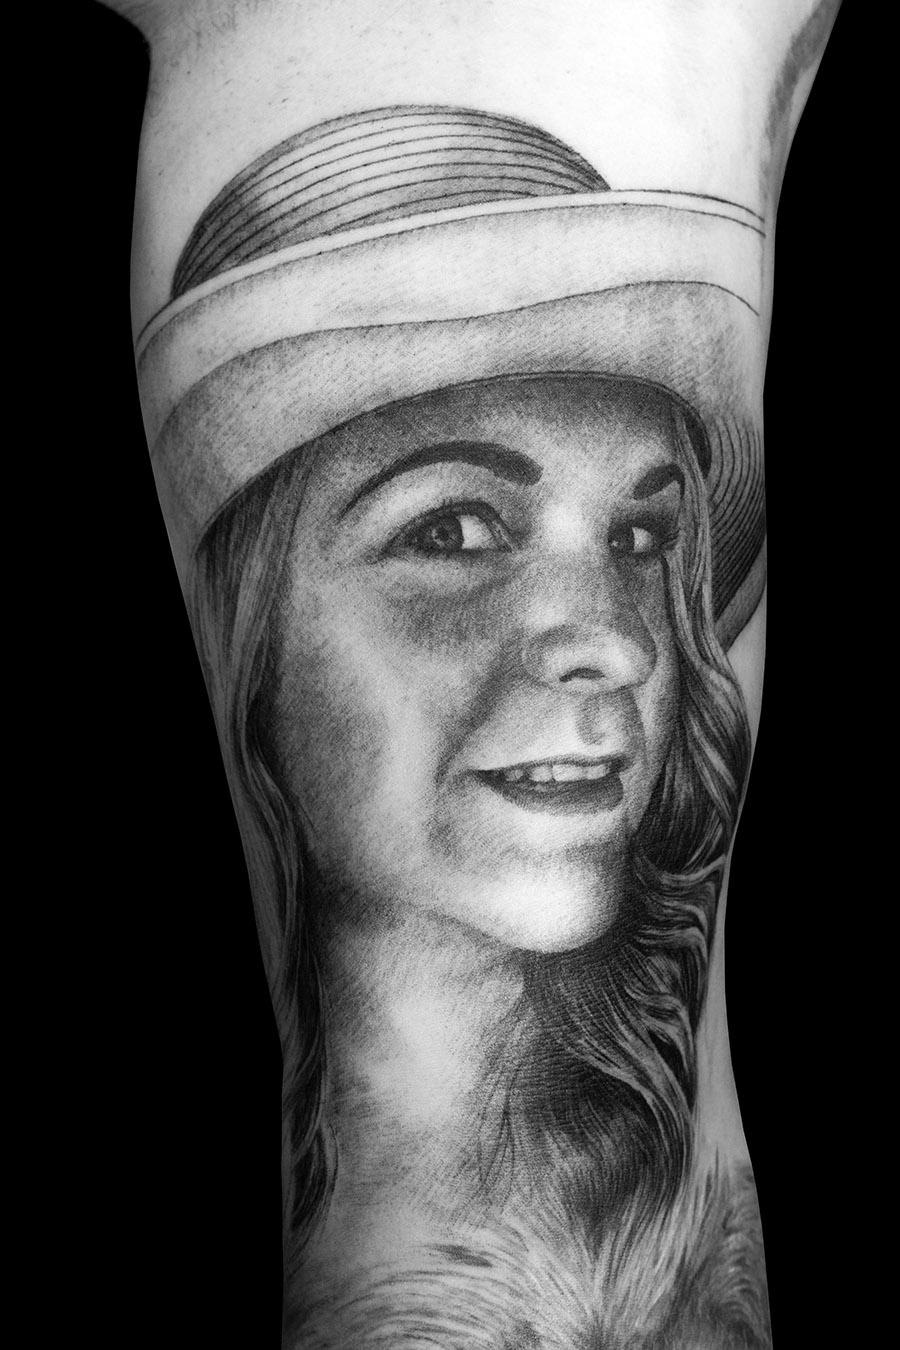 Portrait Tattoo (Part 3 Of My Full Sleeve Tattoo)